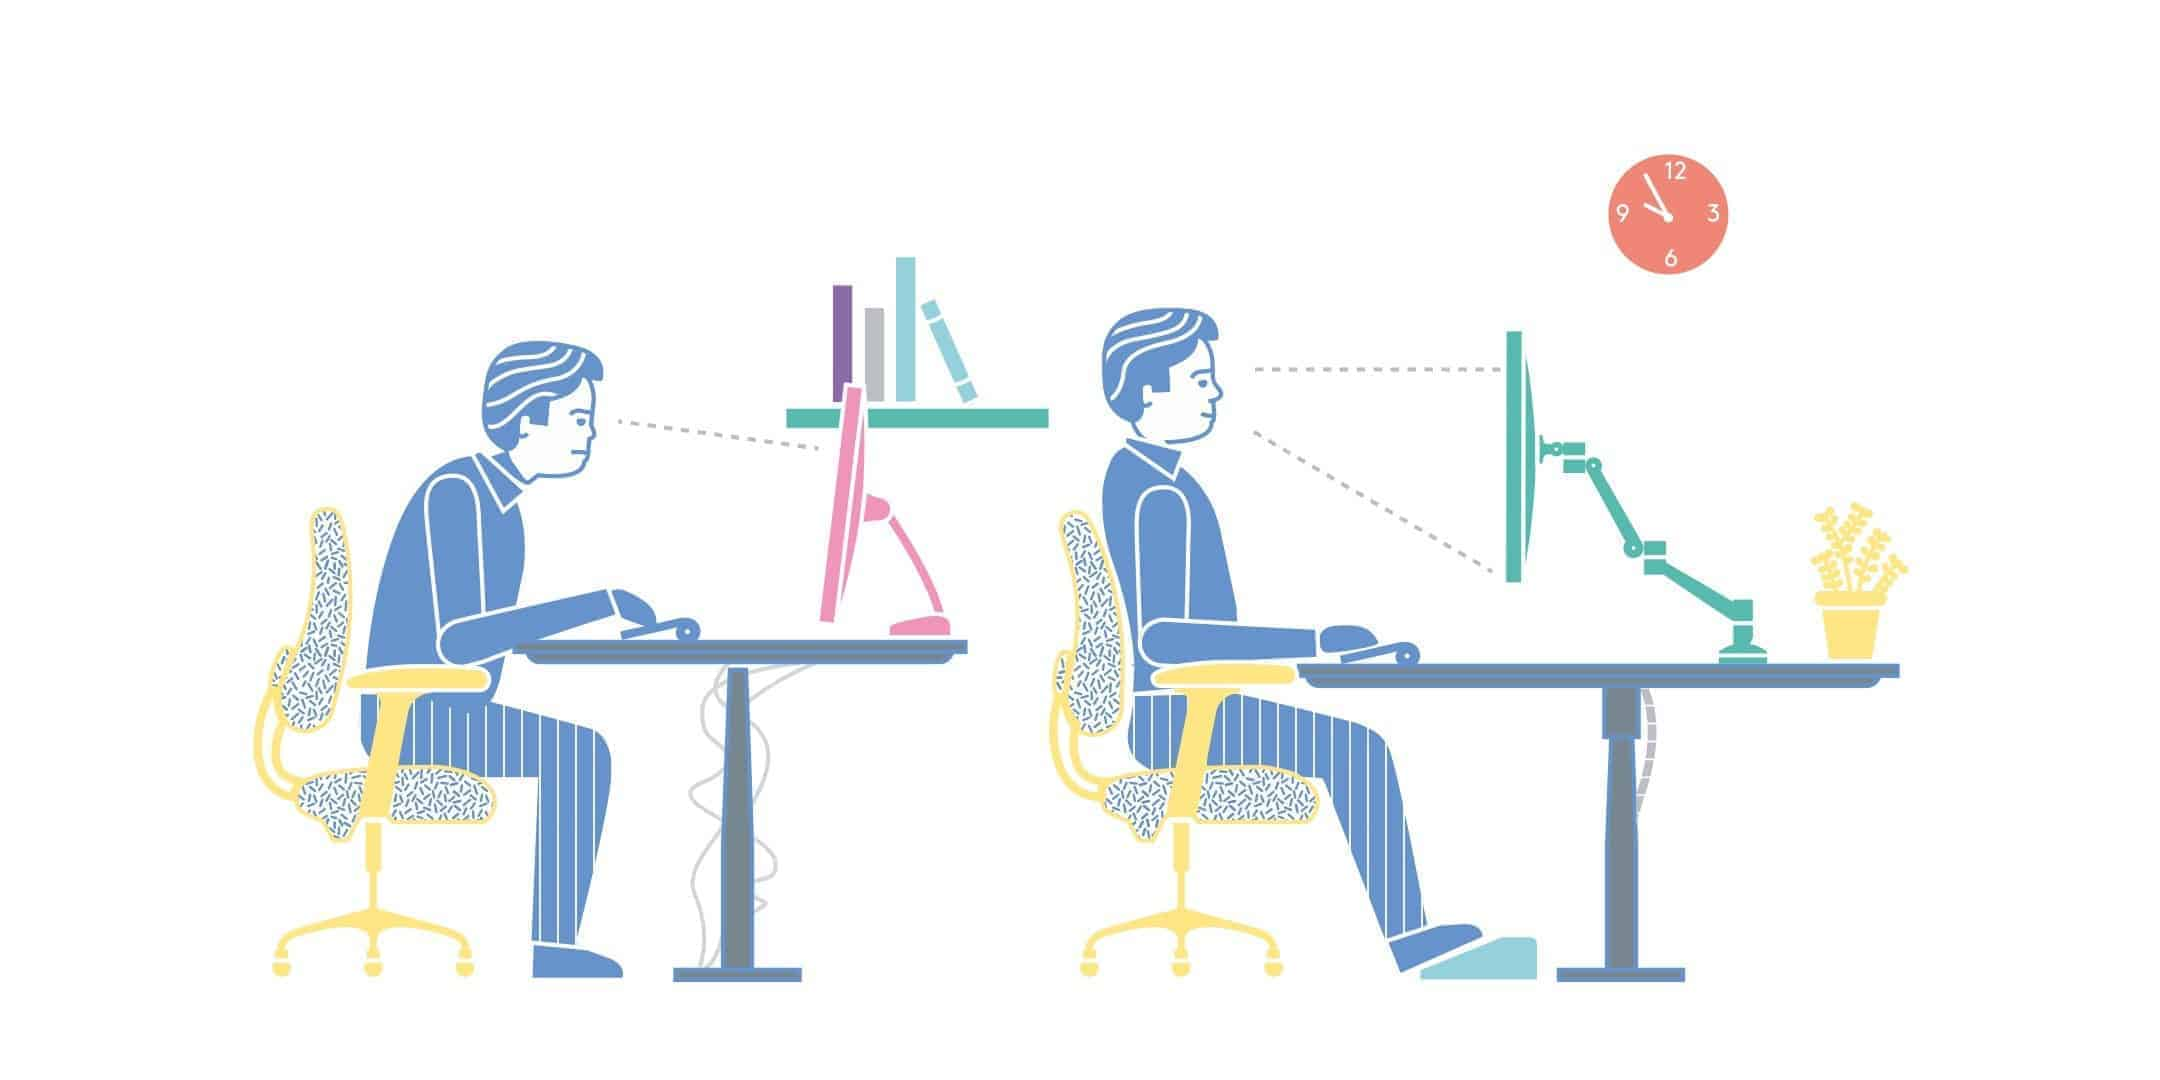 Veranschaulichung der richtigen Sitzhaltung am Schreibtisch